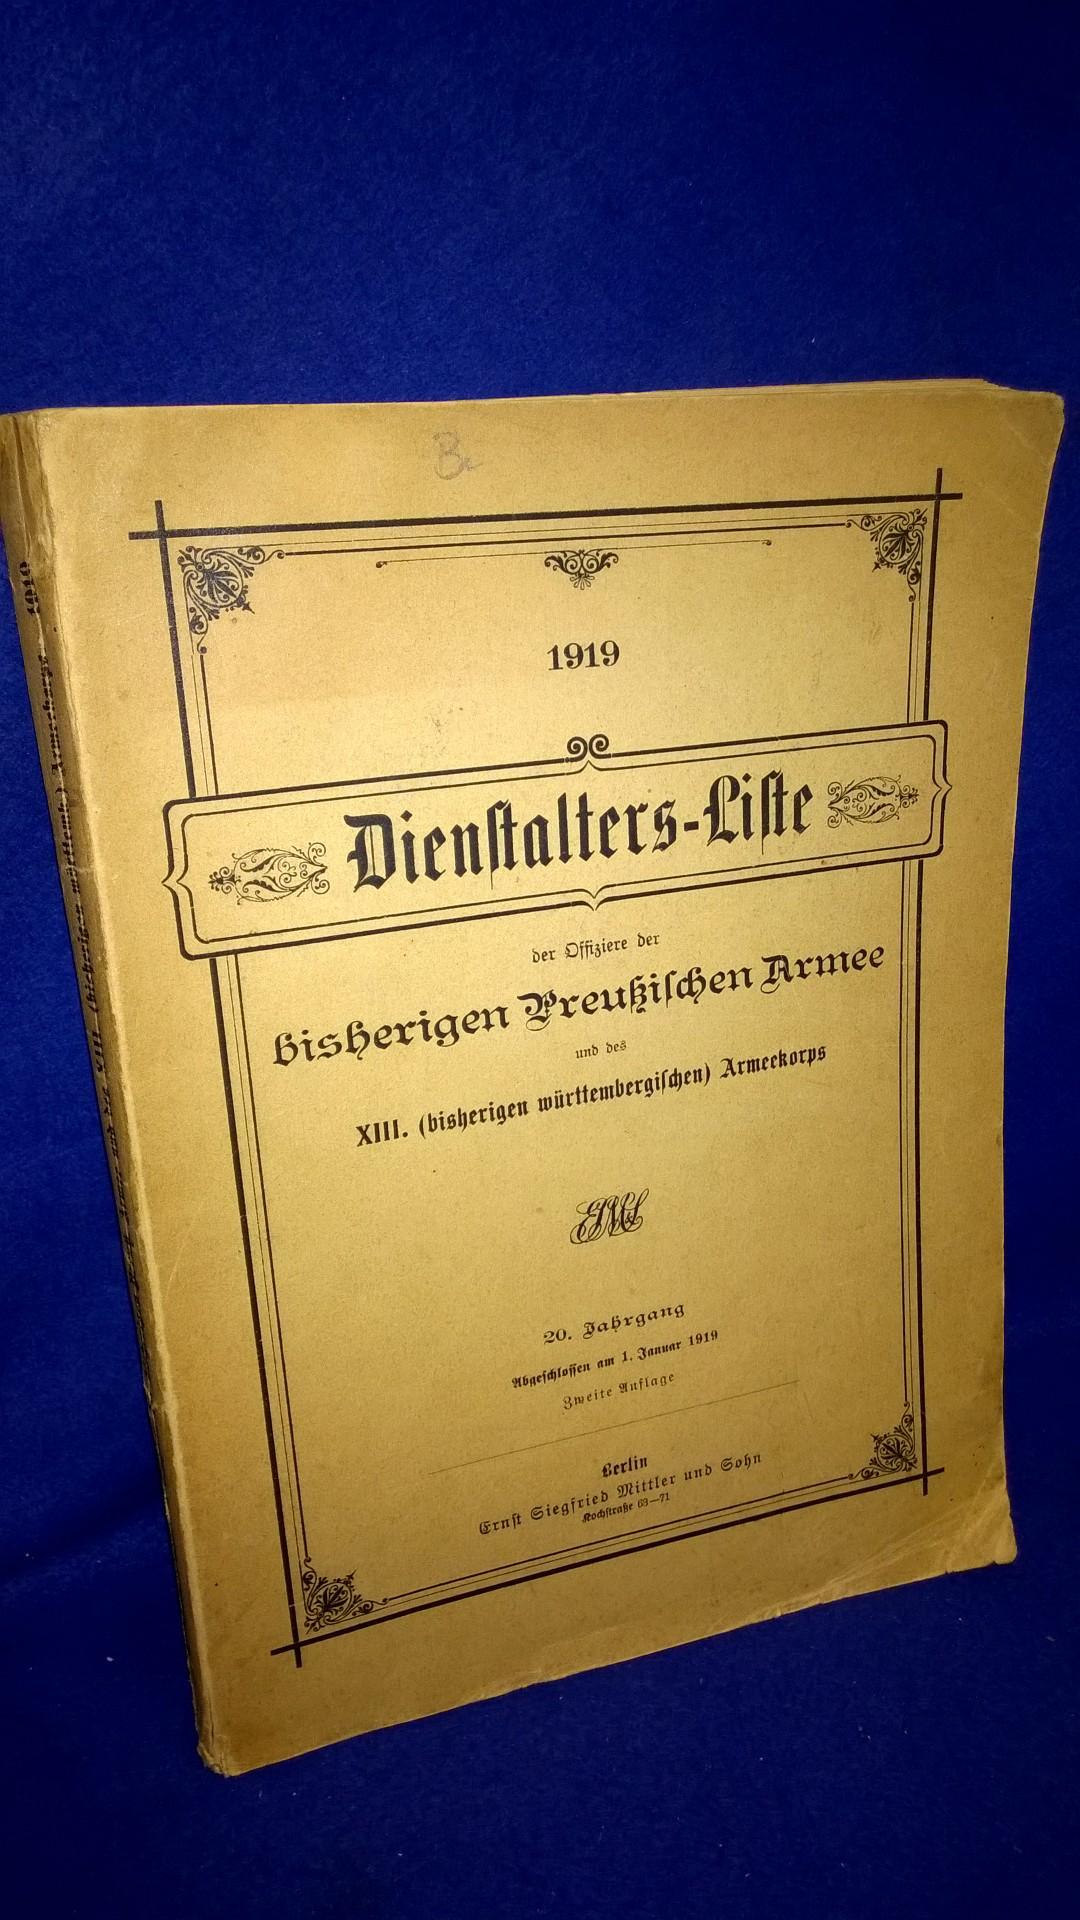 Dienstalters-Liste der Offiziere der bisherigen Preußischen Armee und des XIII.(württembergischen) Armeekorps 1919